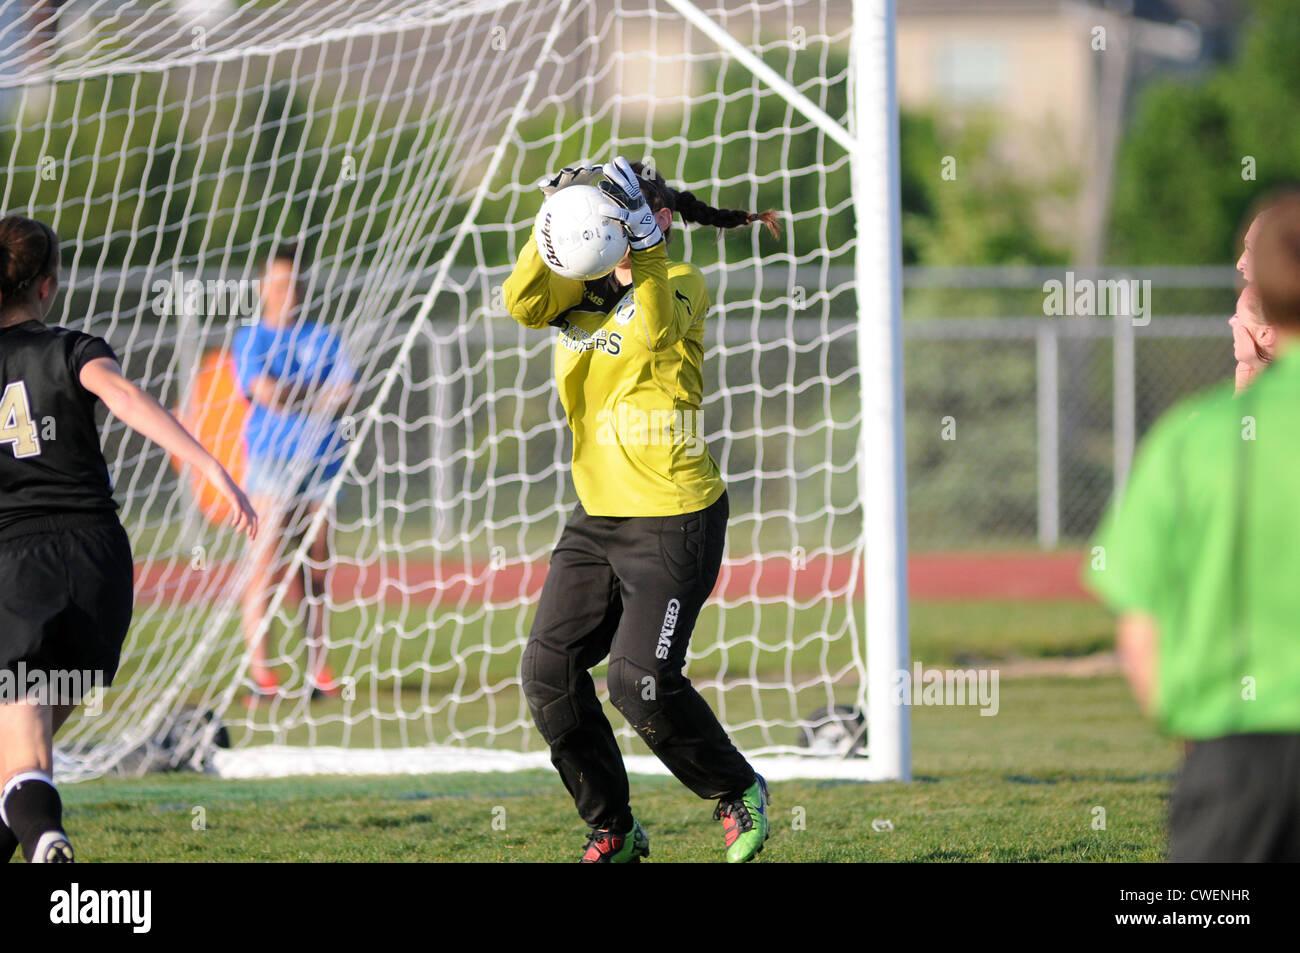 Fußball Torwart blockt während eines Highschool-Spiels. Stockbild